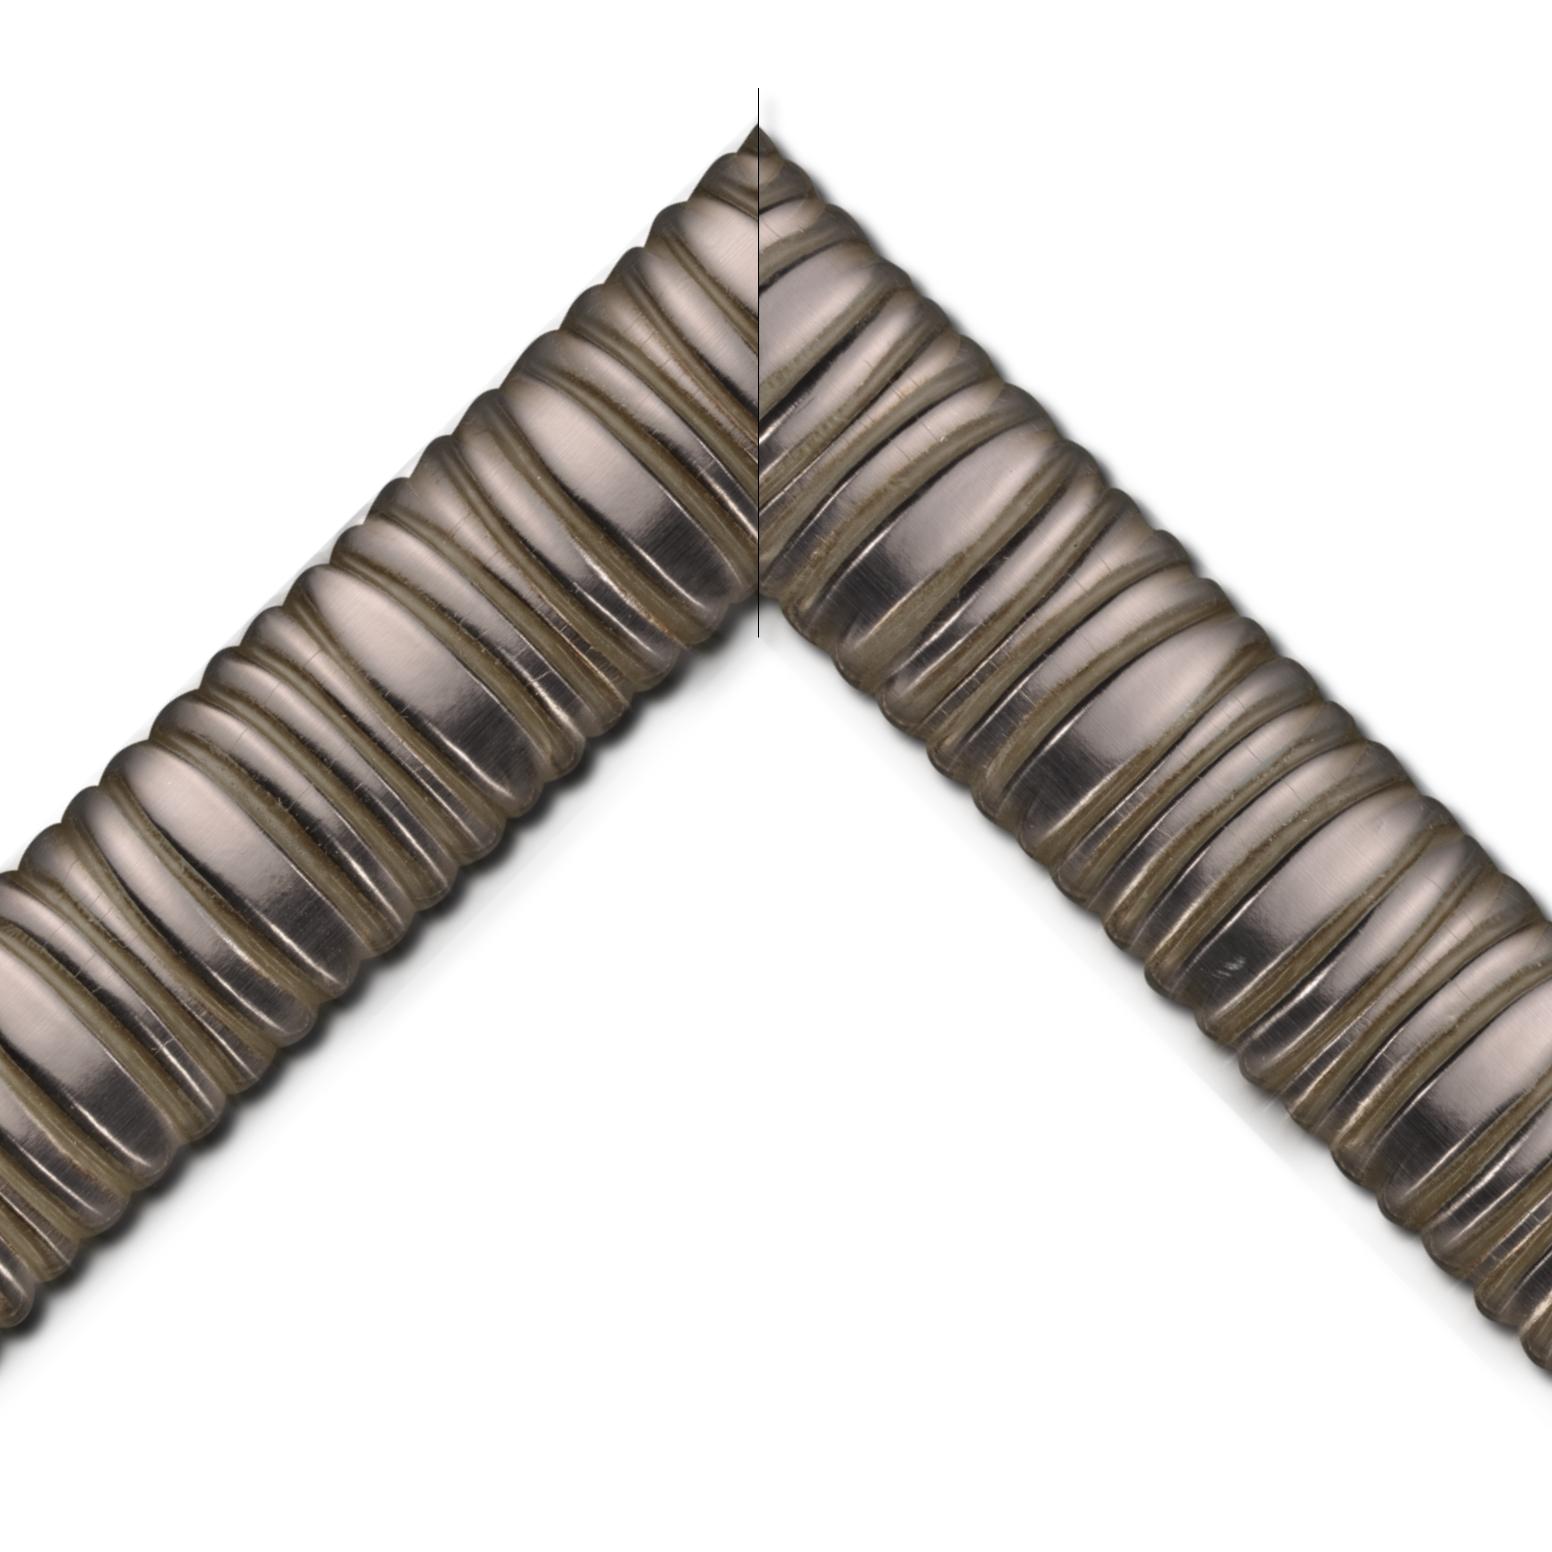 Baguette bois profil méplat largeur 9.4cm plombs chaud décor cannelé